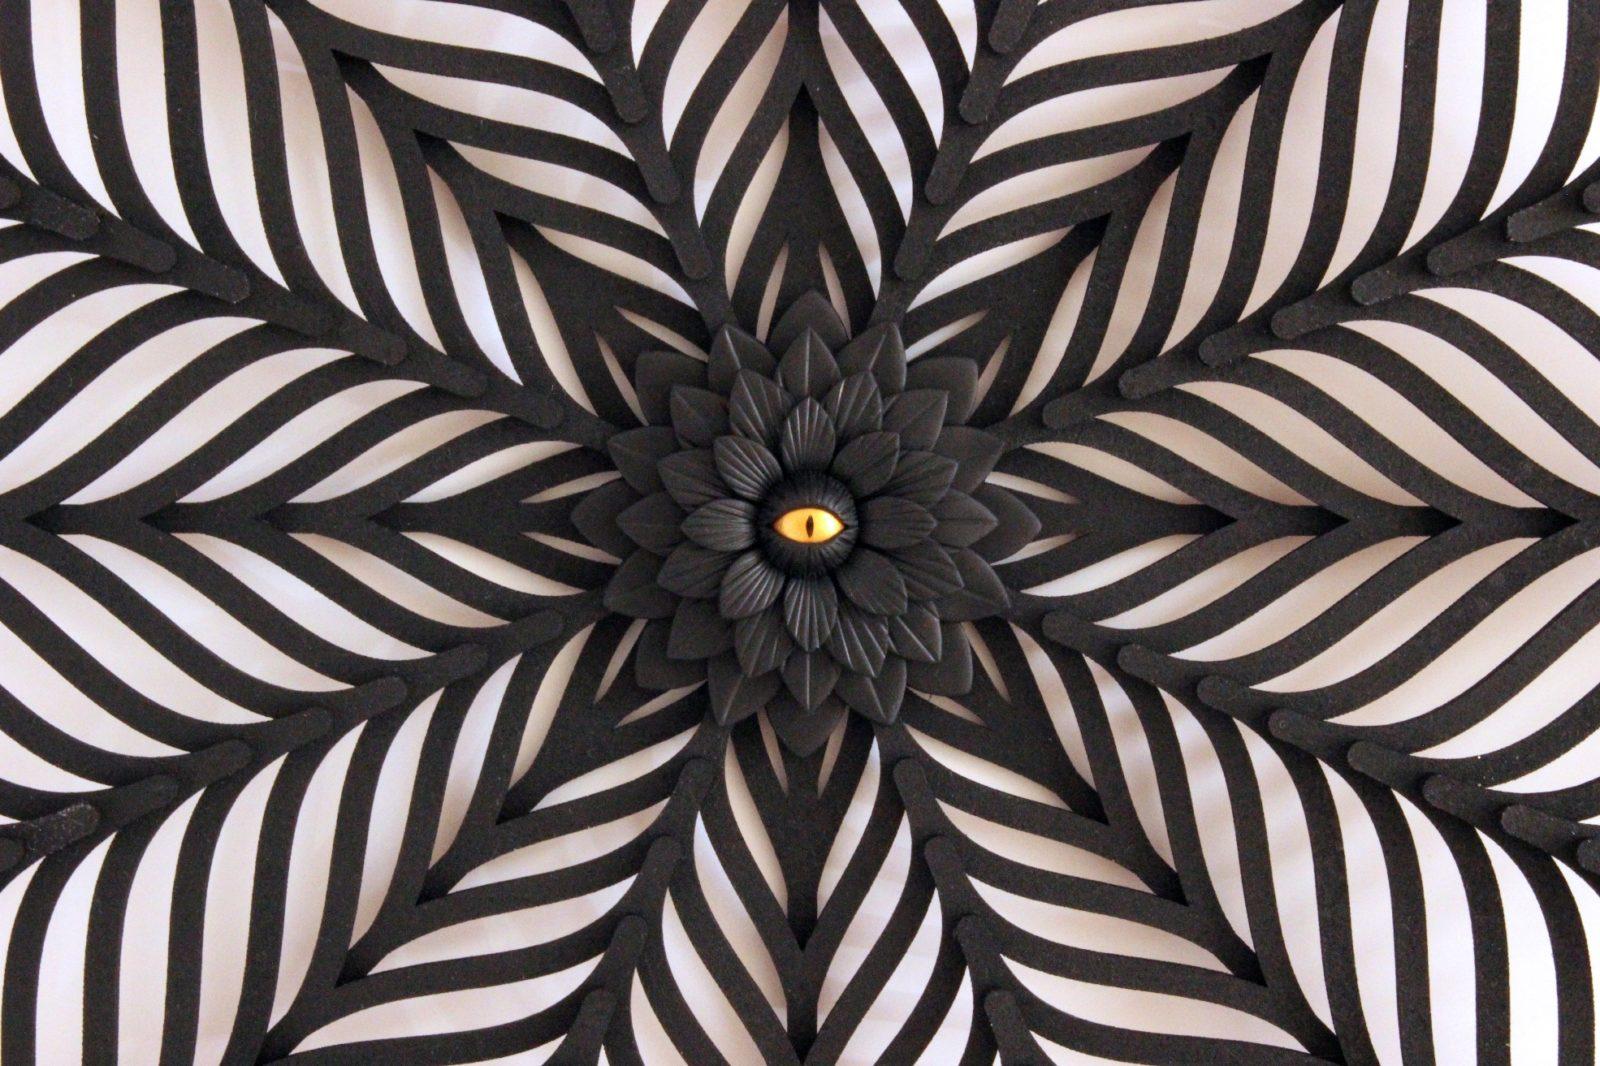 Calais cité dentelle et mode Dorothée Vantorre_Dark flower 3